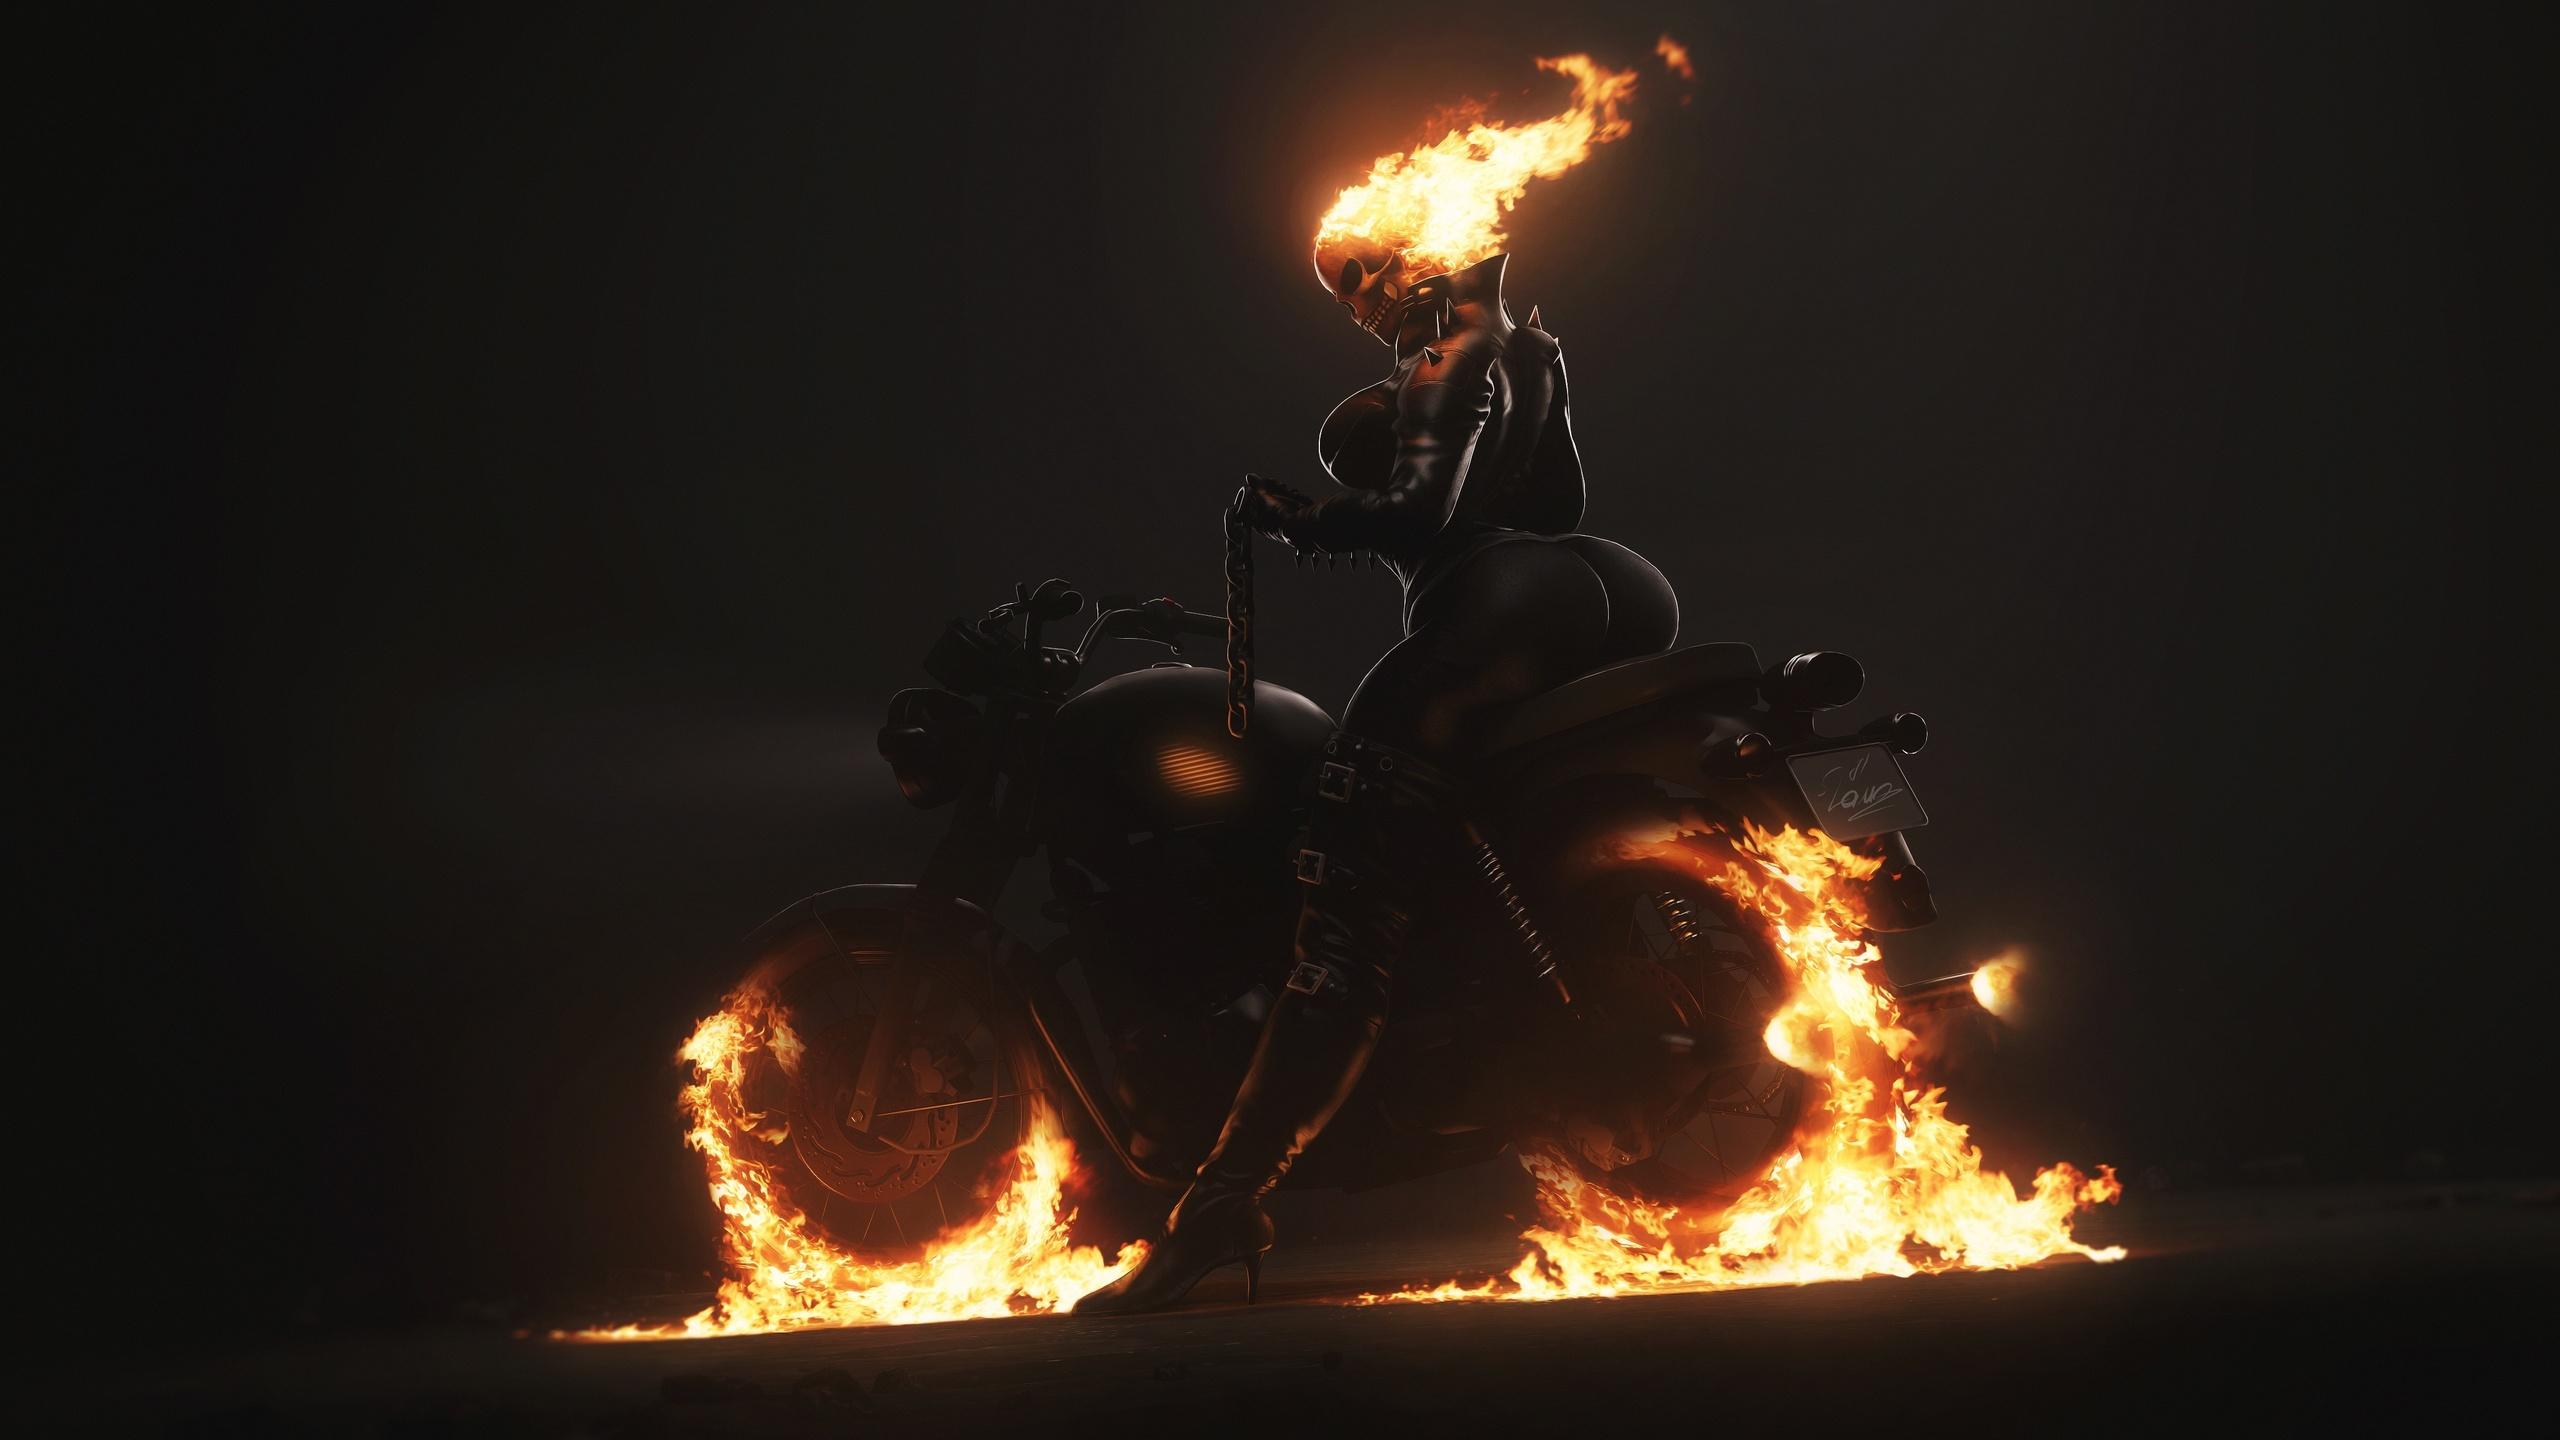 картинки огненных байков протяжении этого периода